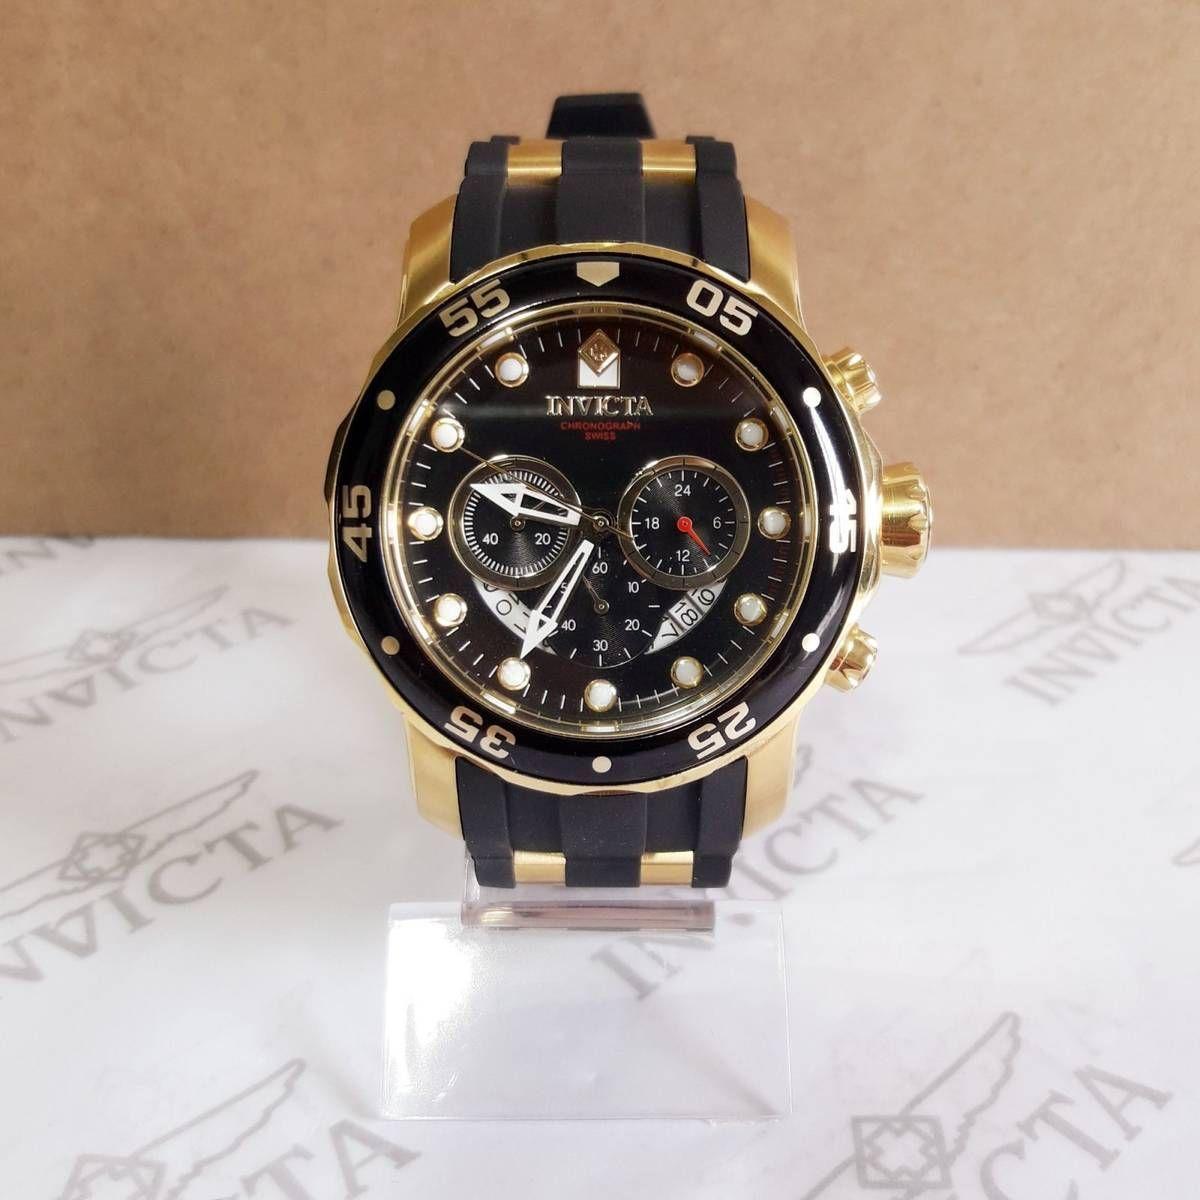 309820a3de8 Relógio Invicta Pro Diver 6981 Original Preto com Dourado Completo ...